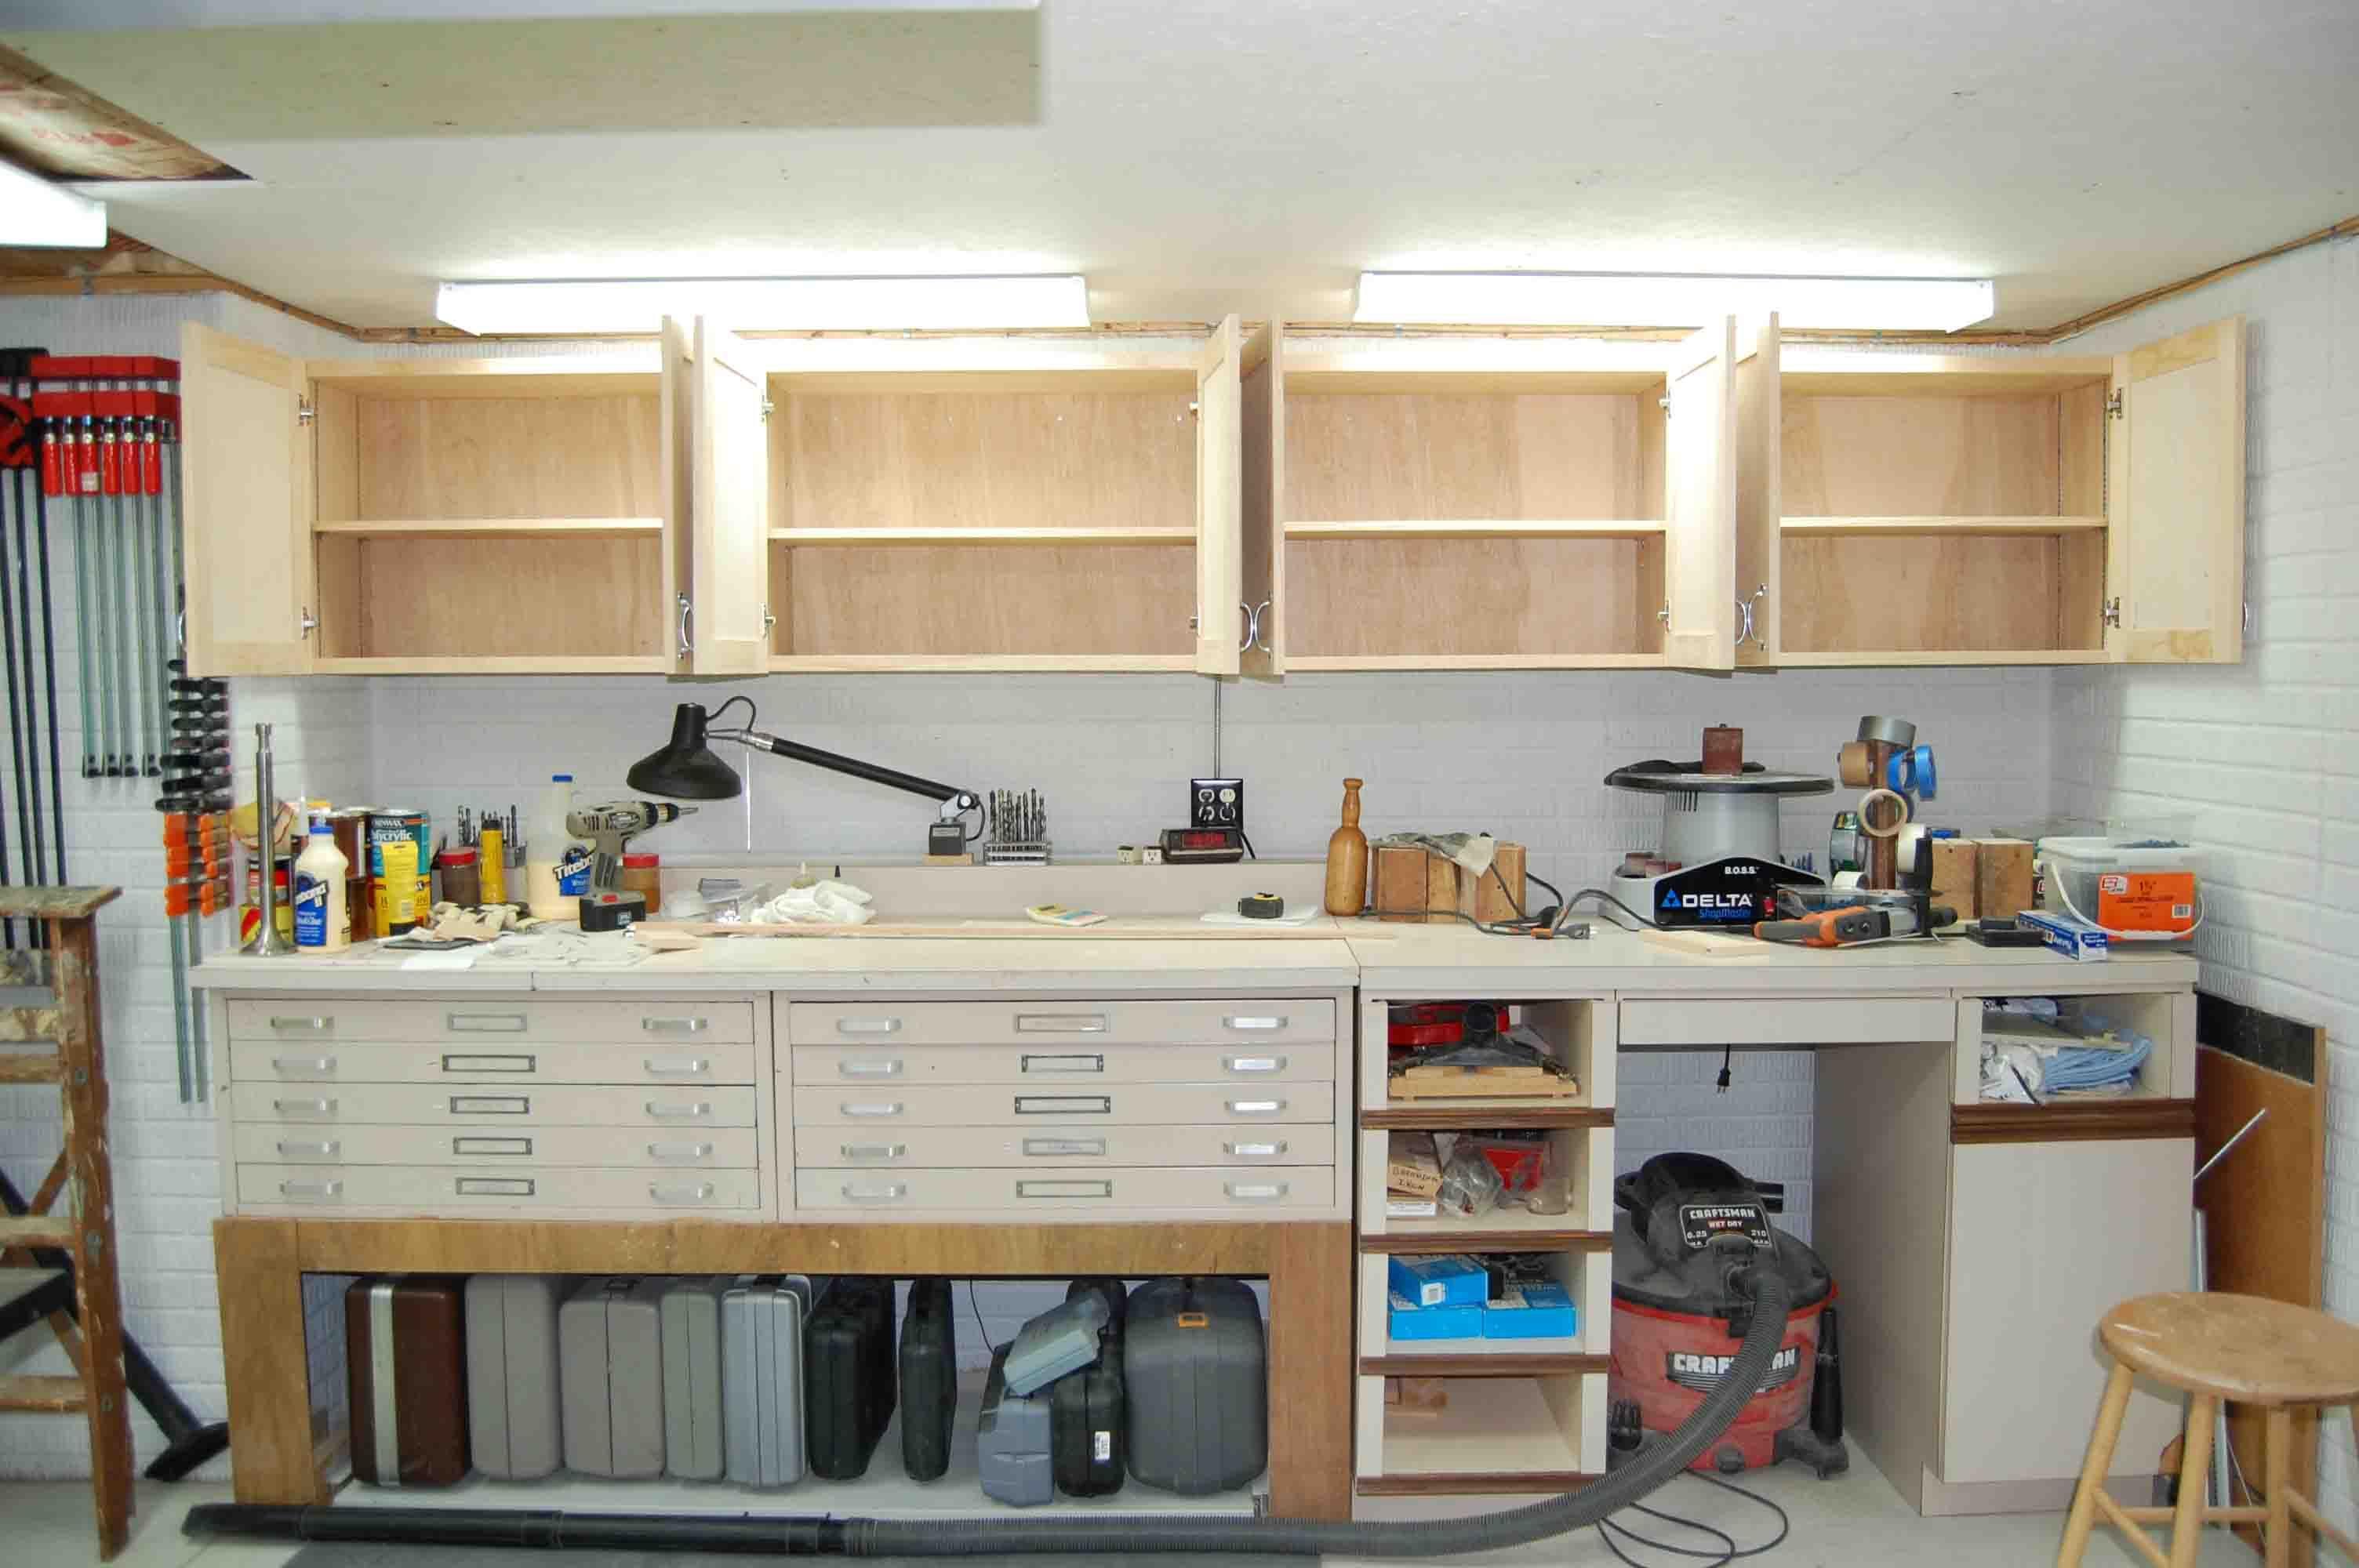 Workshop Cabinets Handyman Club of America Handyman Forums